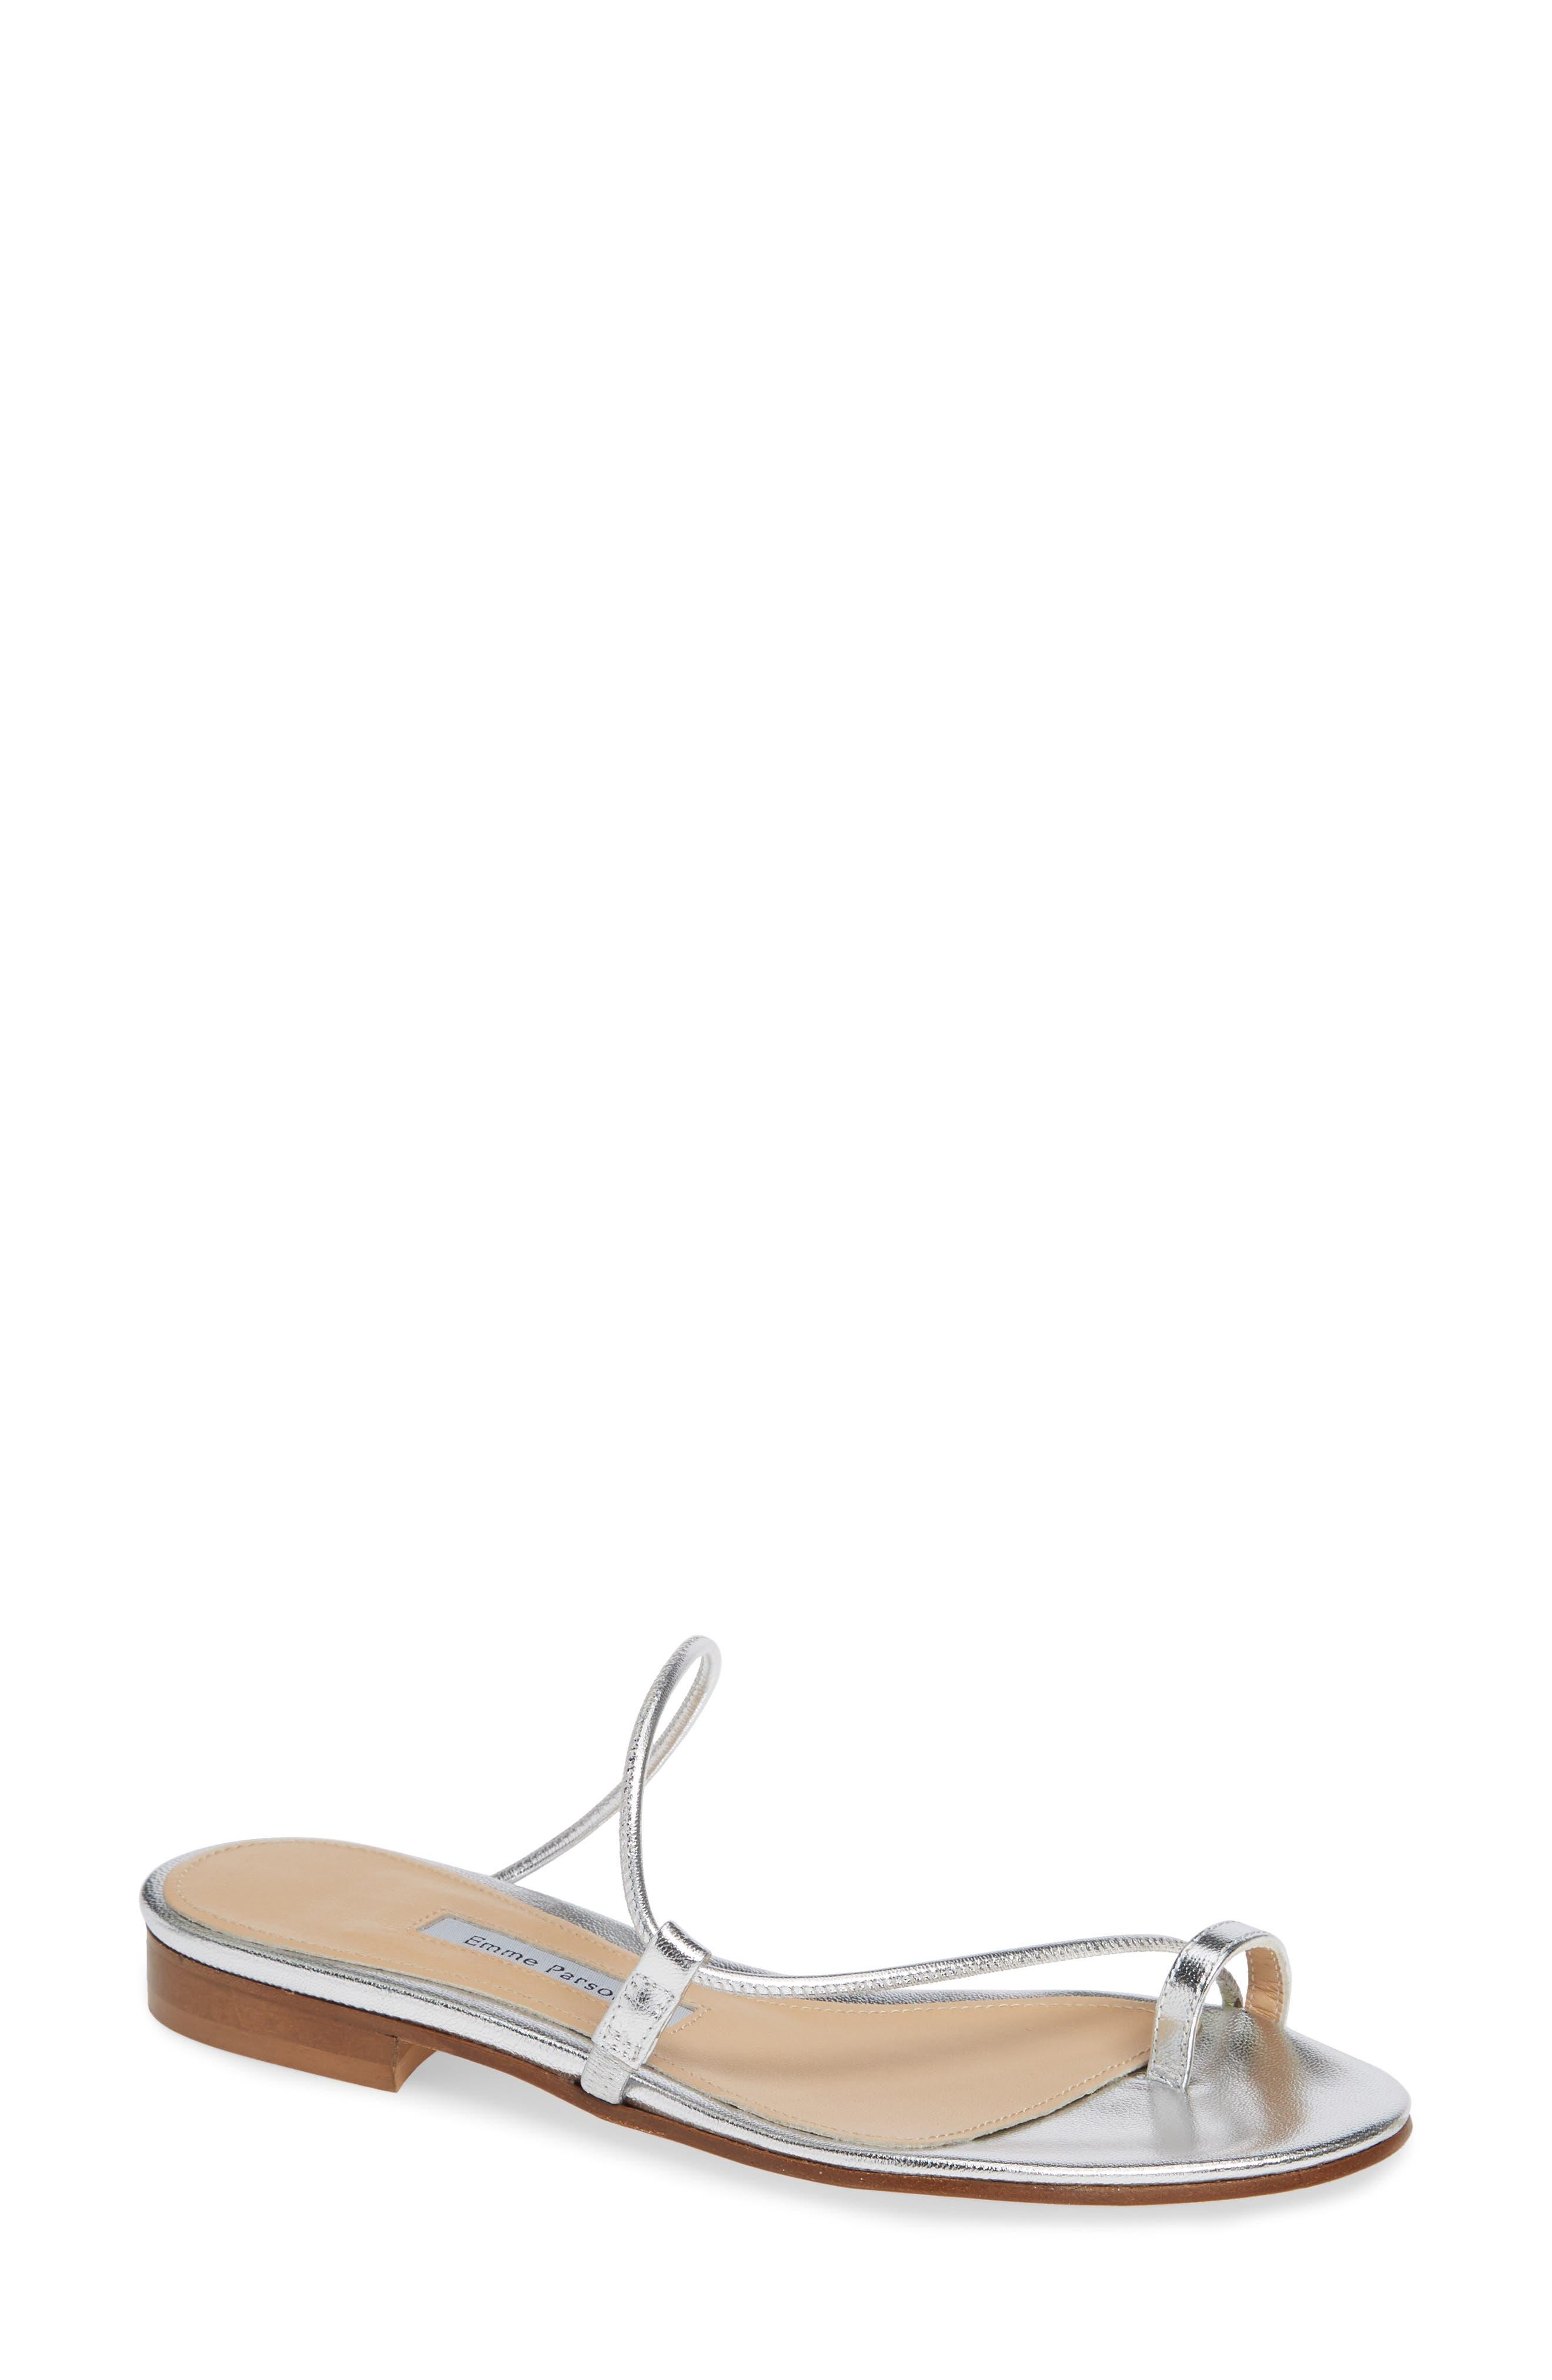 EMME PARSONS Susan Slide Sandal in Silver